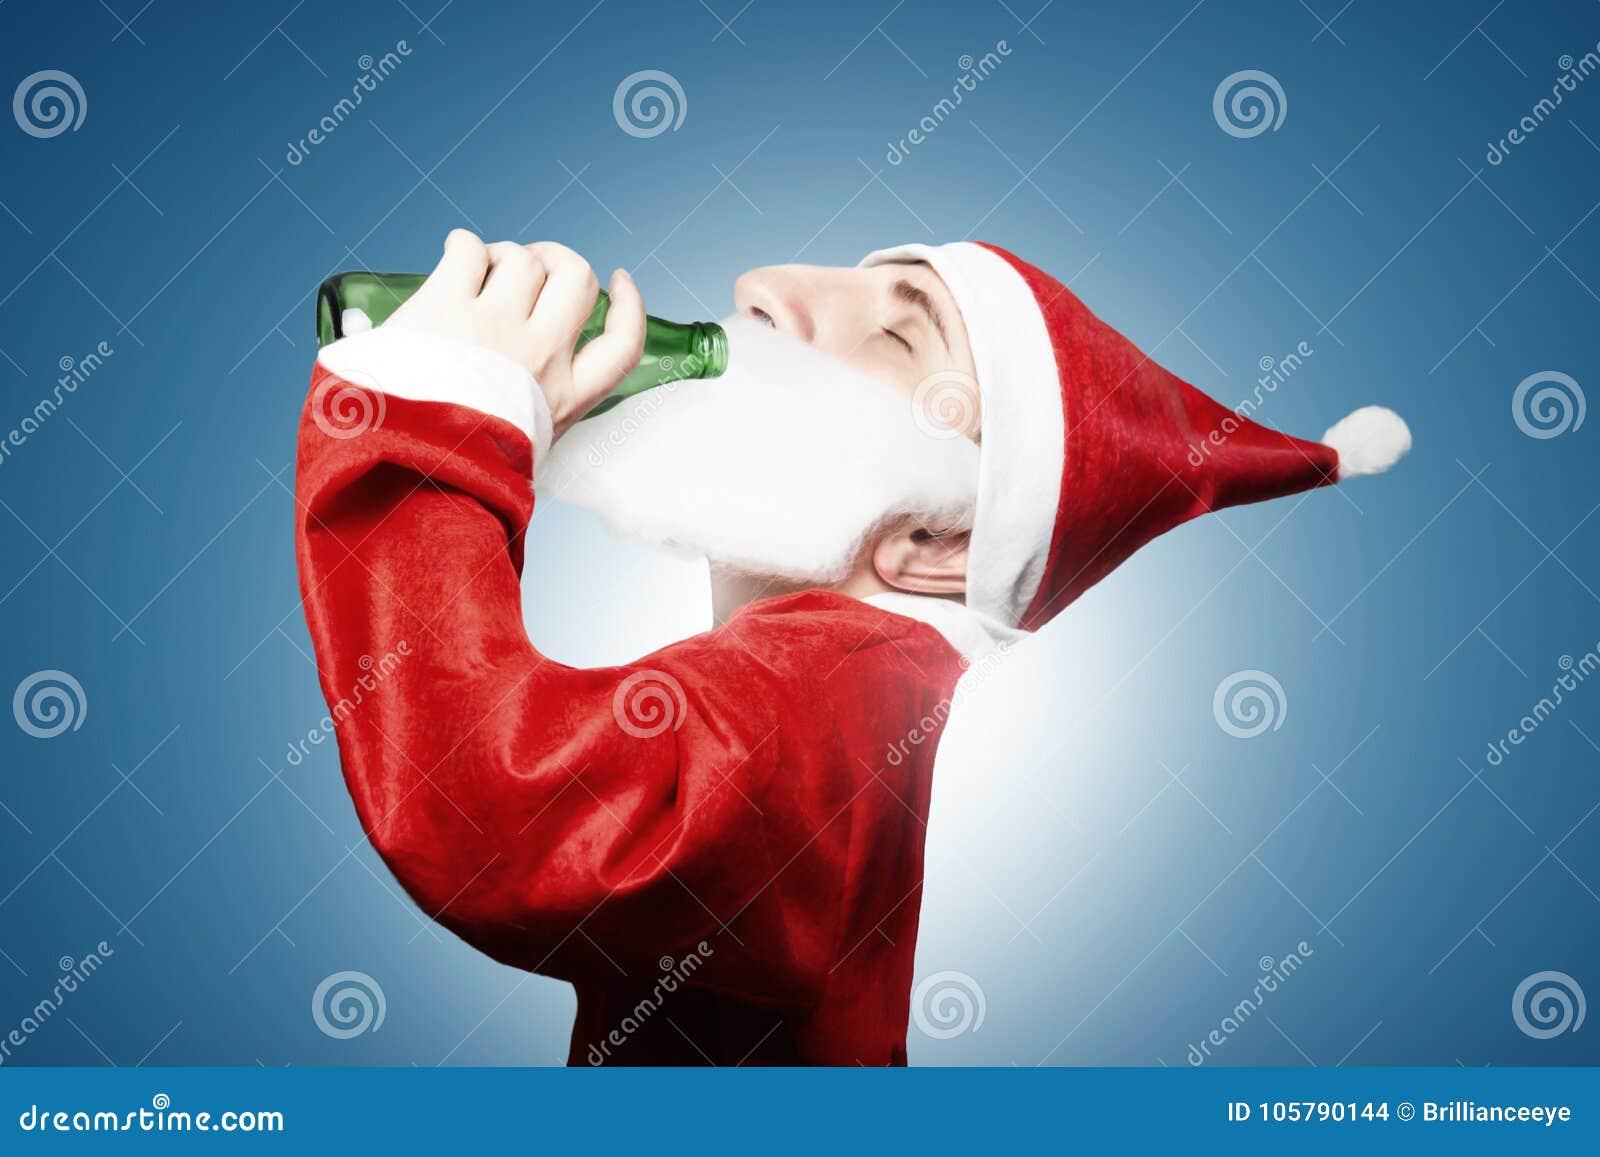 New Karikatuur Van Grappig Dronken Het Drinken Van De Kerstman Bier &EI85